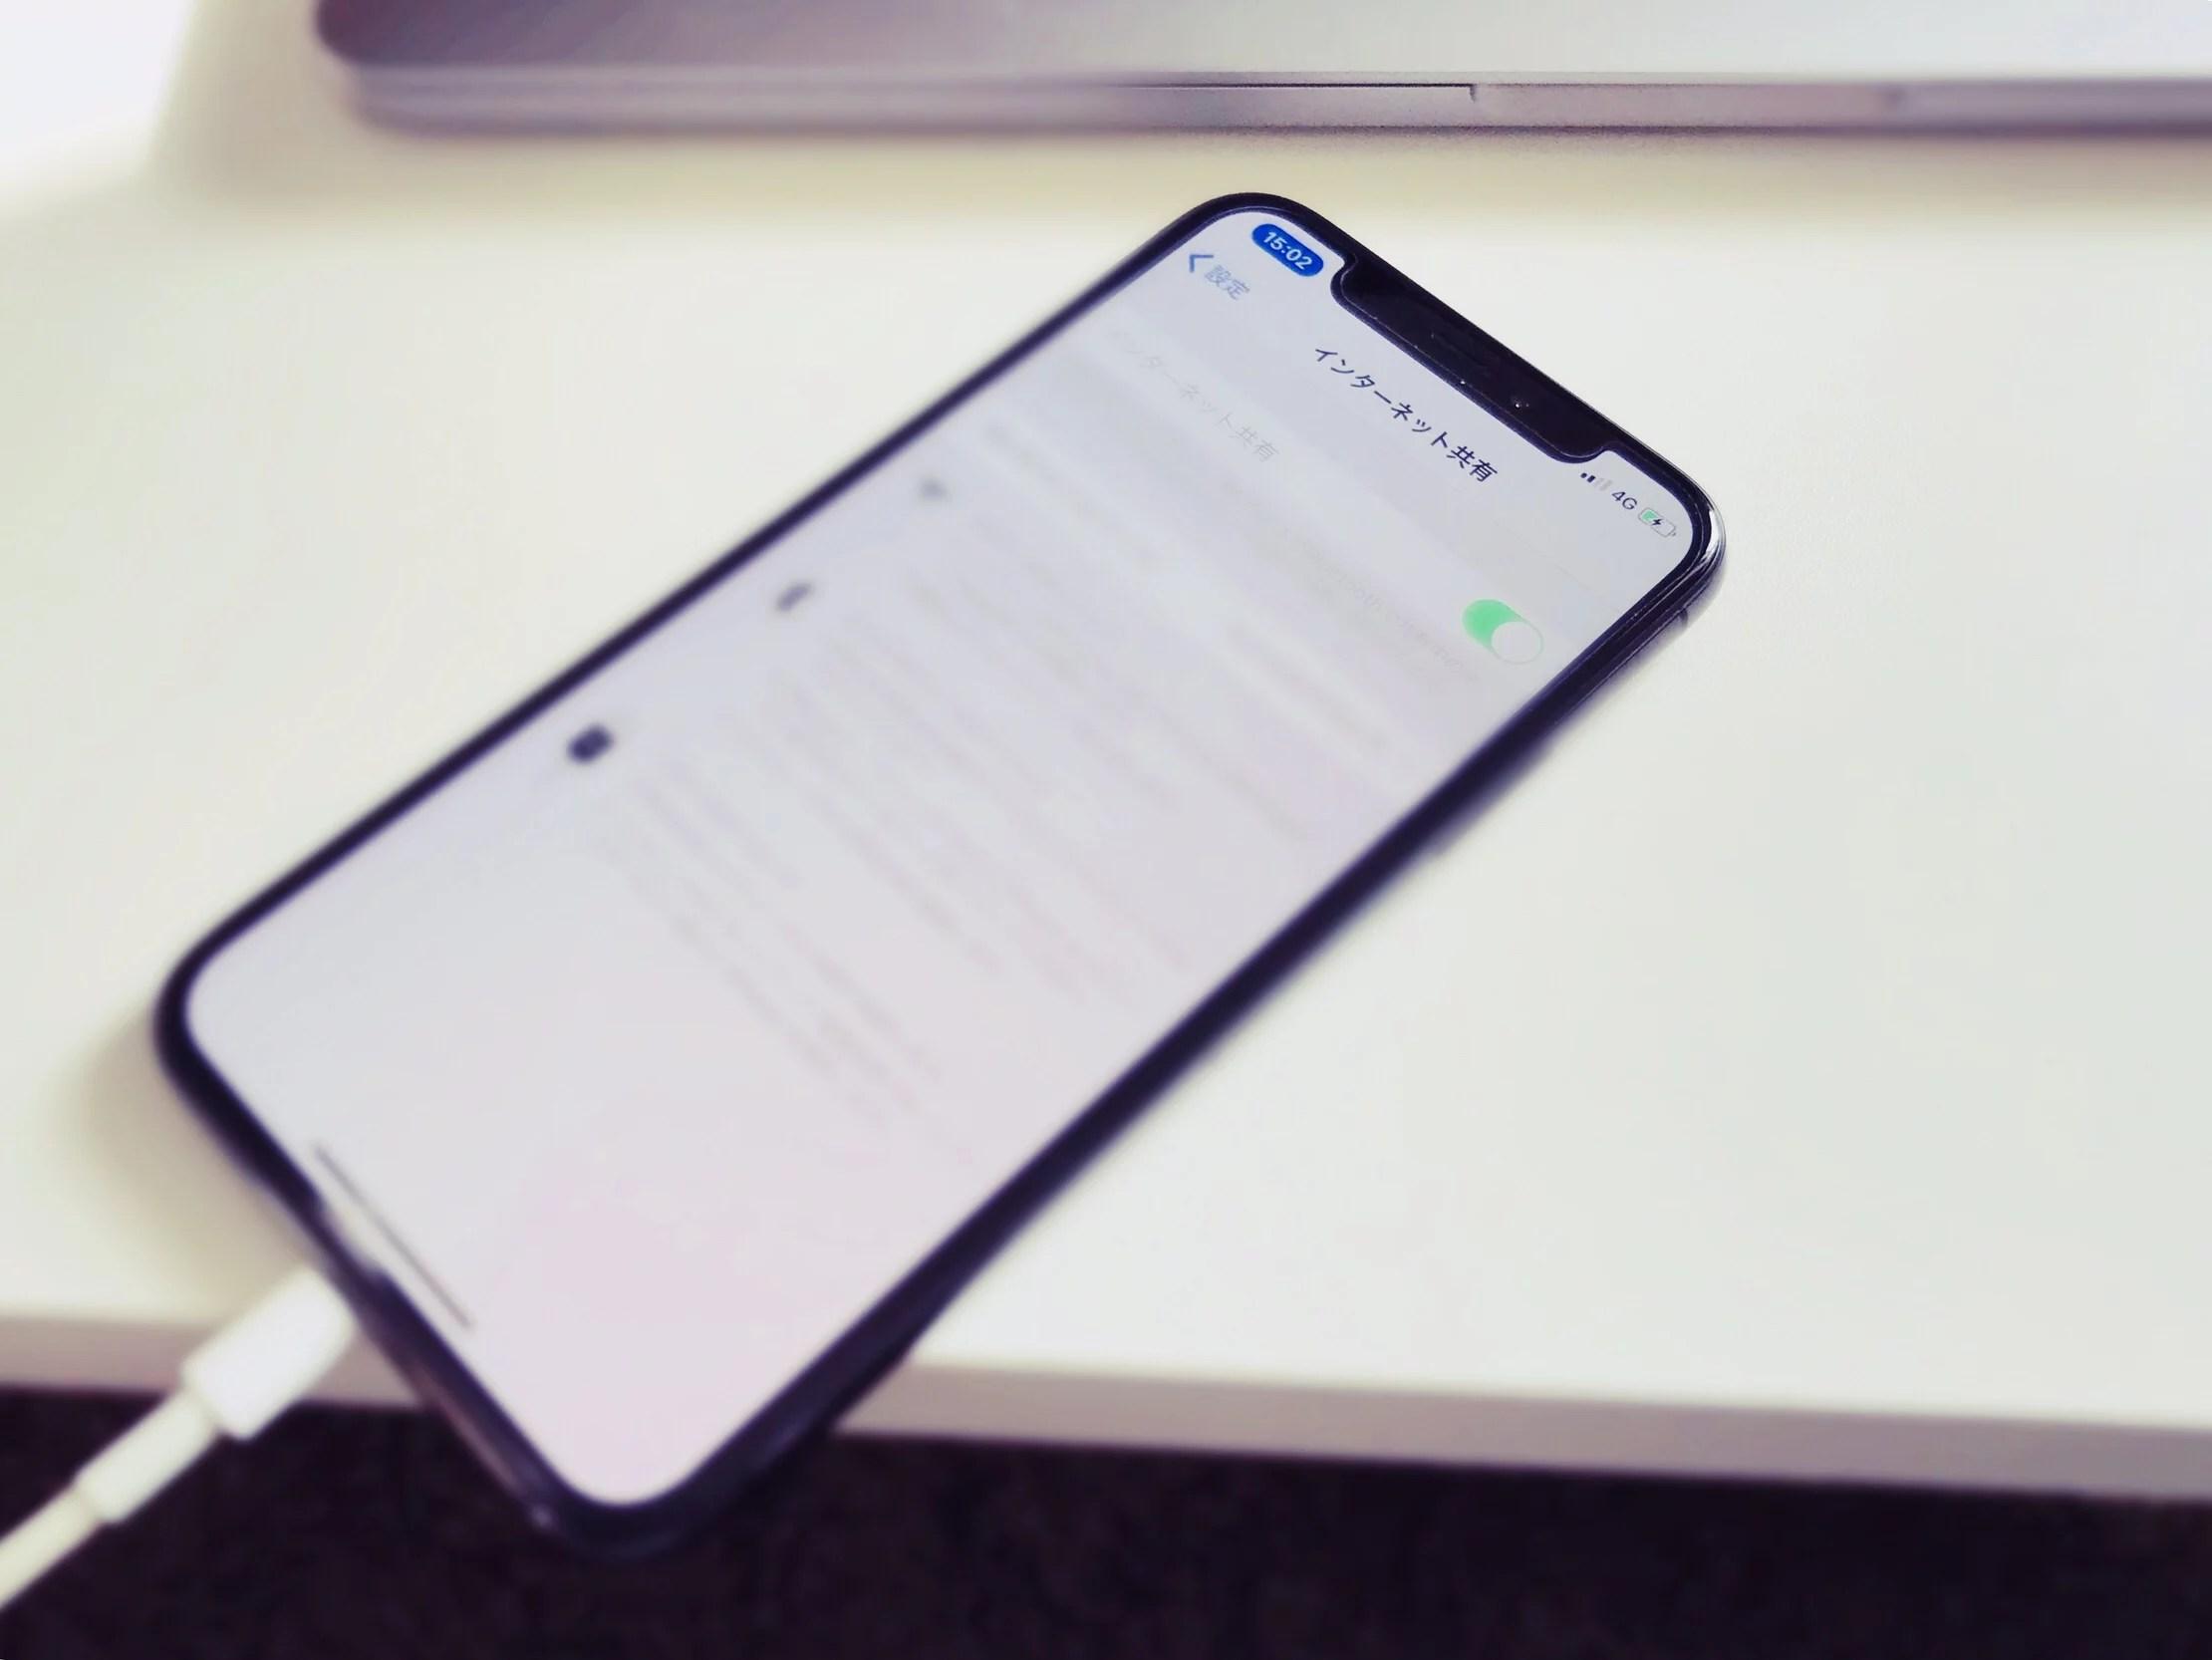 iPhoneのテザリング画面